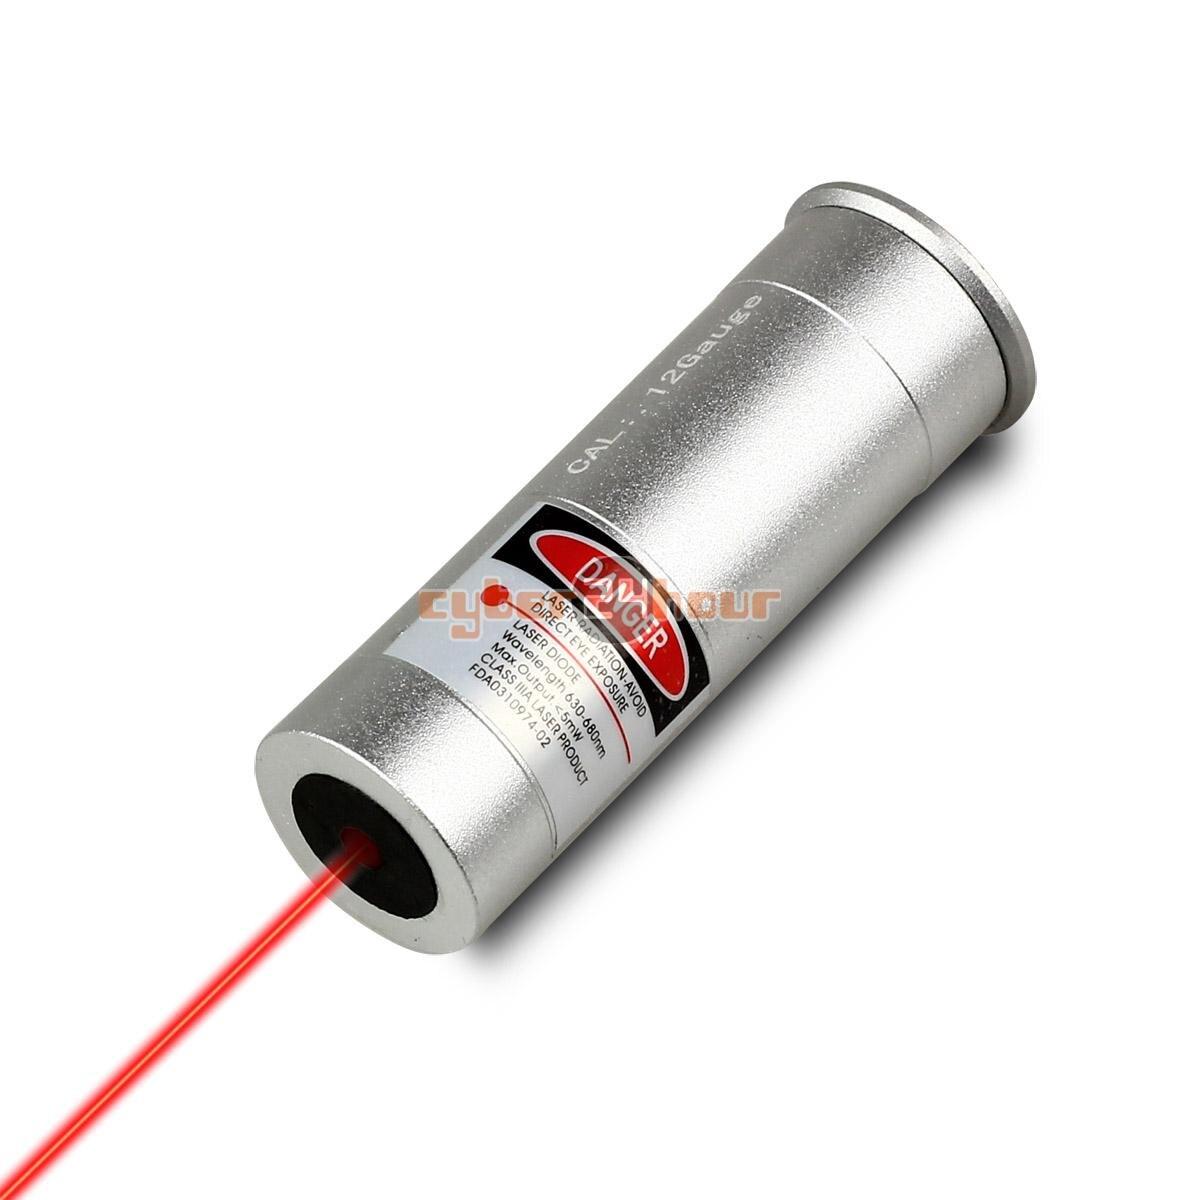 Di alta Qualità 12 Calibro Laser Della Cartuccia Foro Sighter Boresight 12GA & Laser Rosso Spedizione Gratuita!